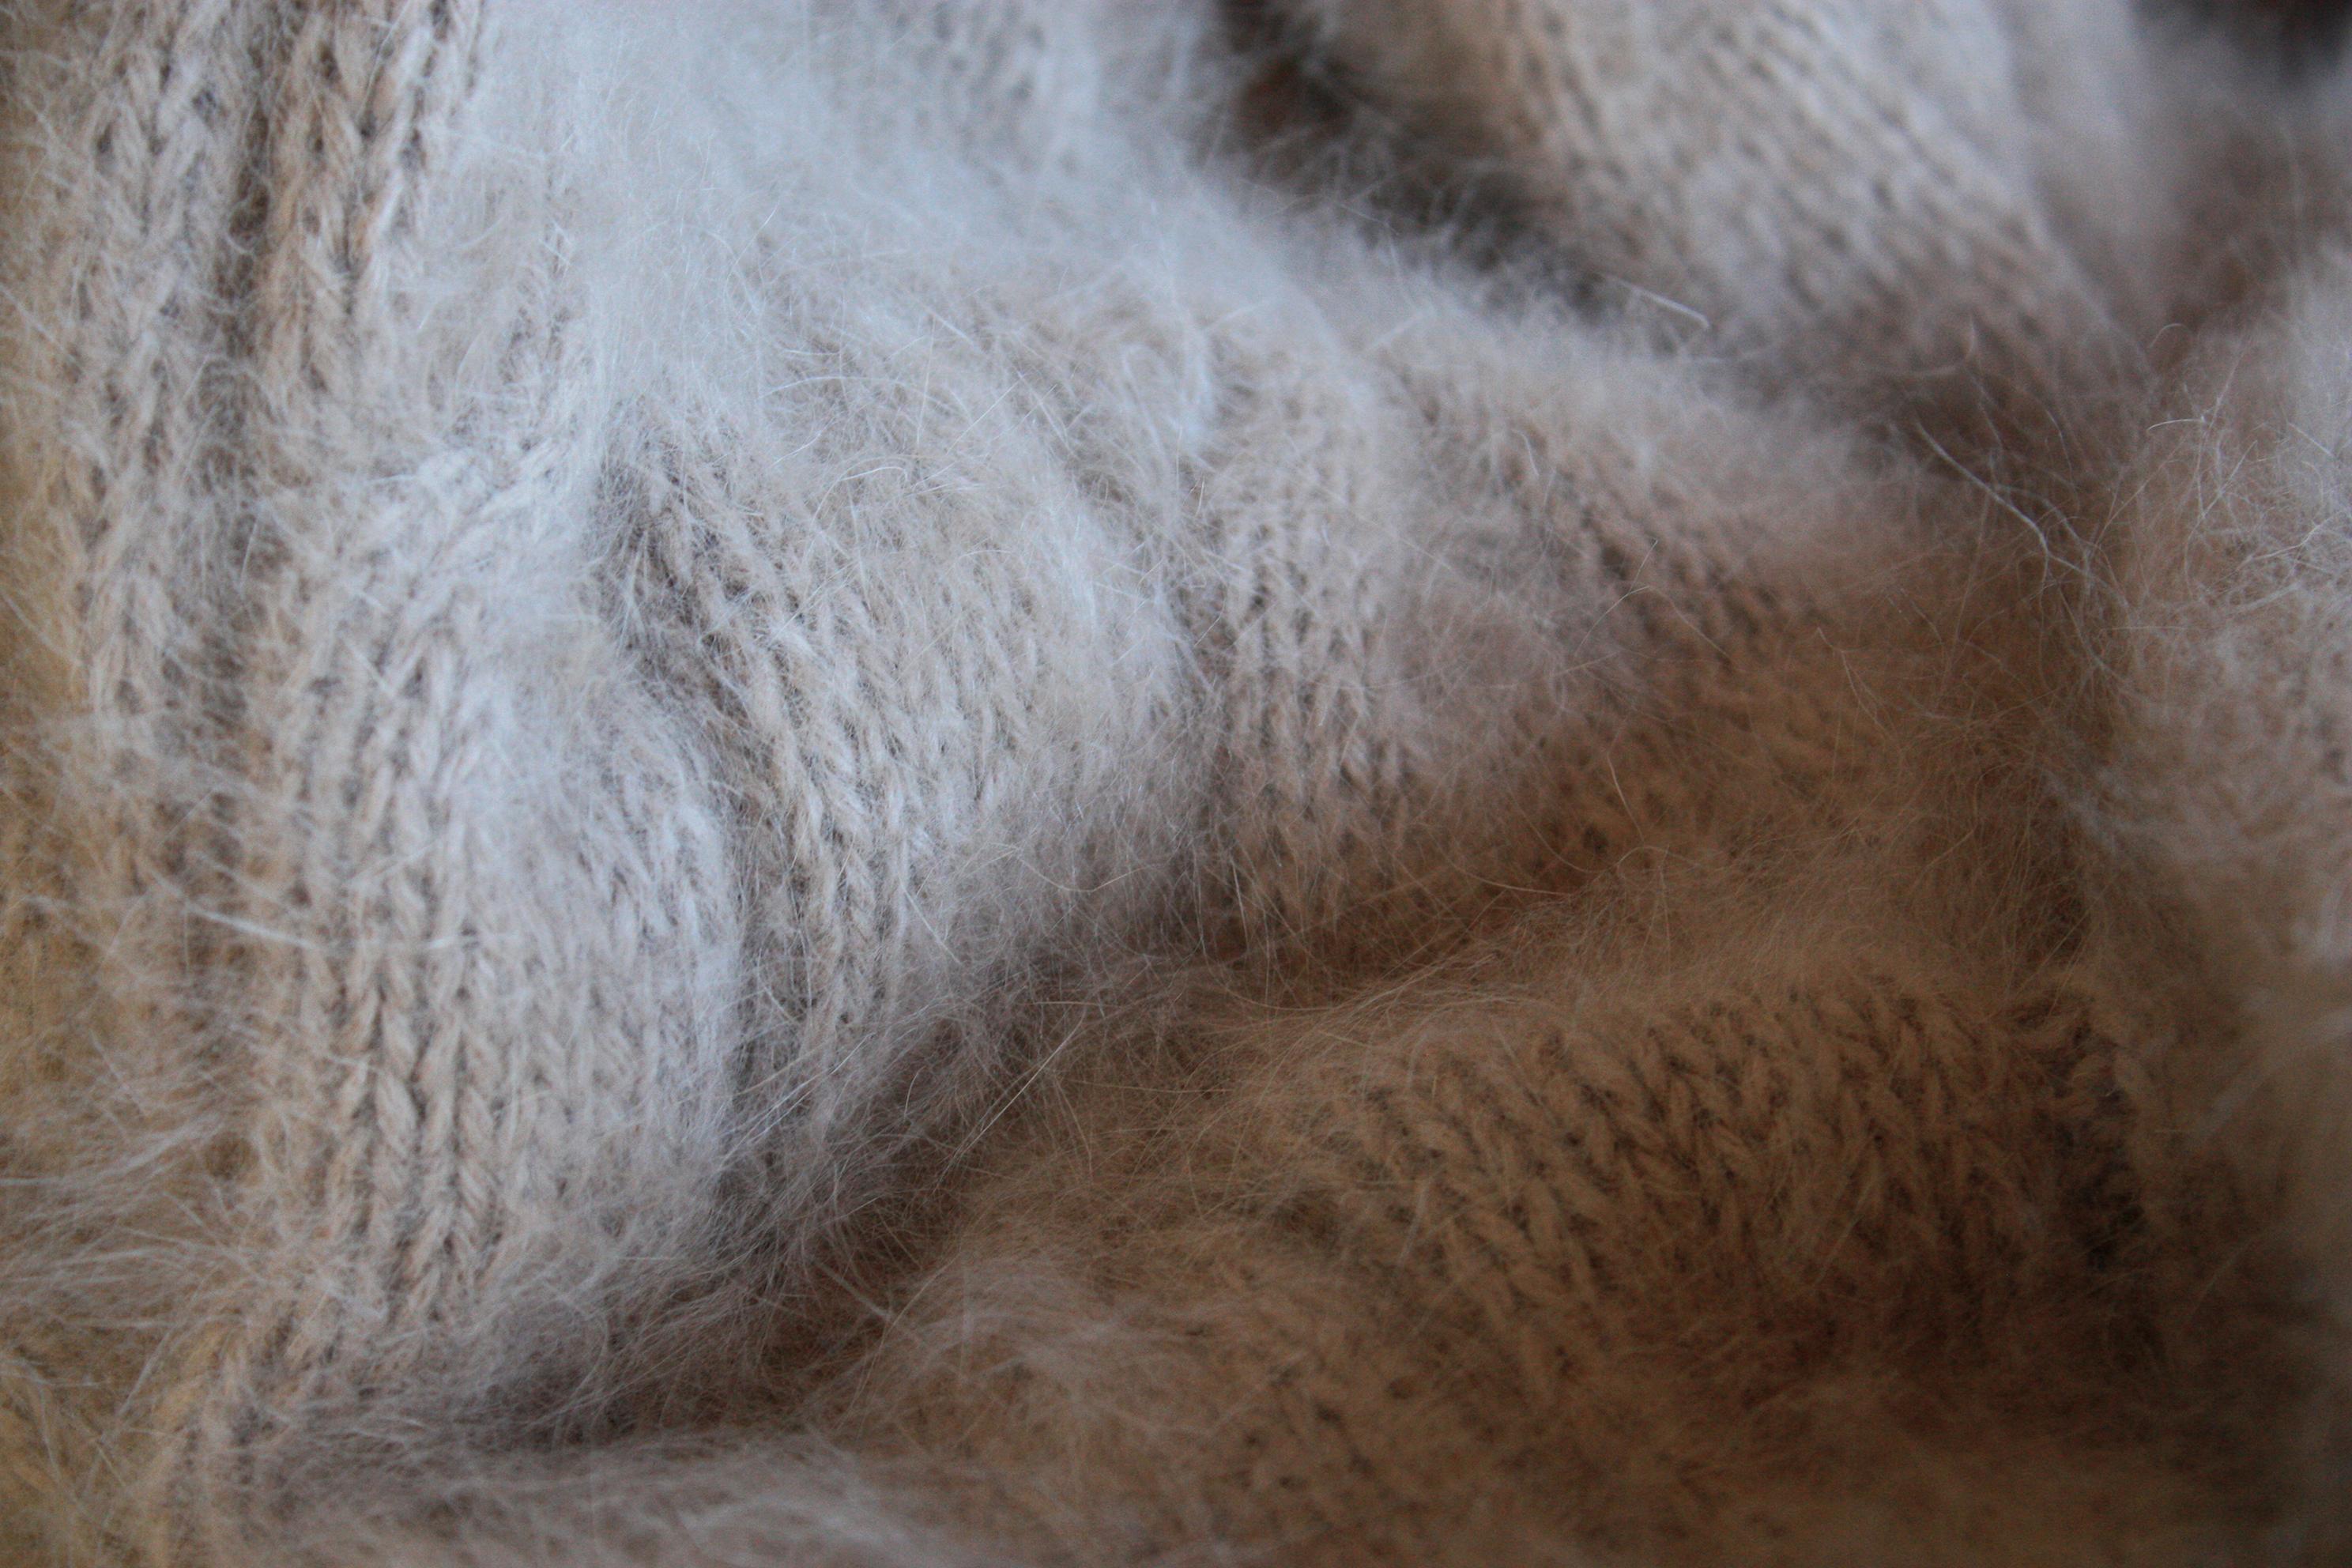 textilien ohne tierleid tipps zum einkauf von kleidung tierfreund. Black Bedroom Furniture Sets. Home Design Ideas